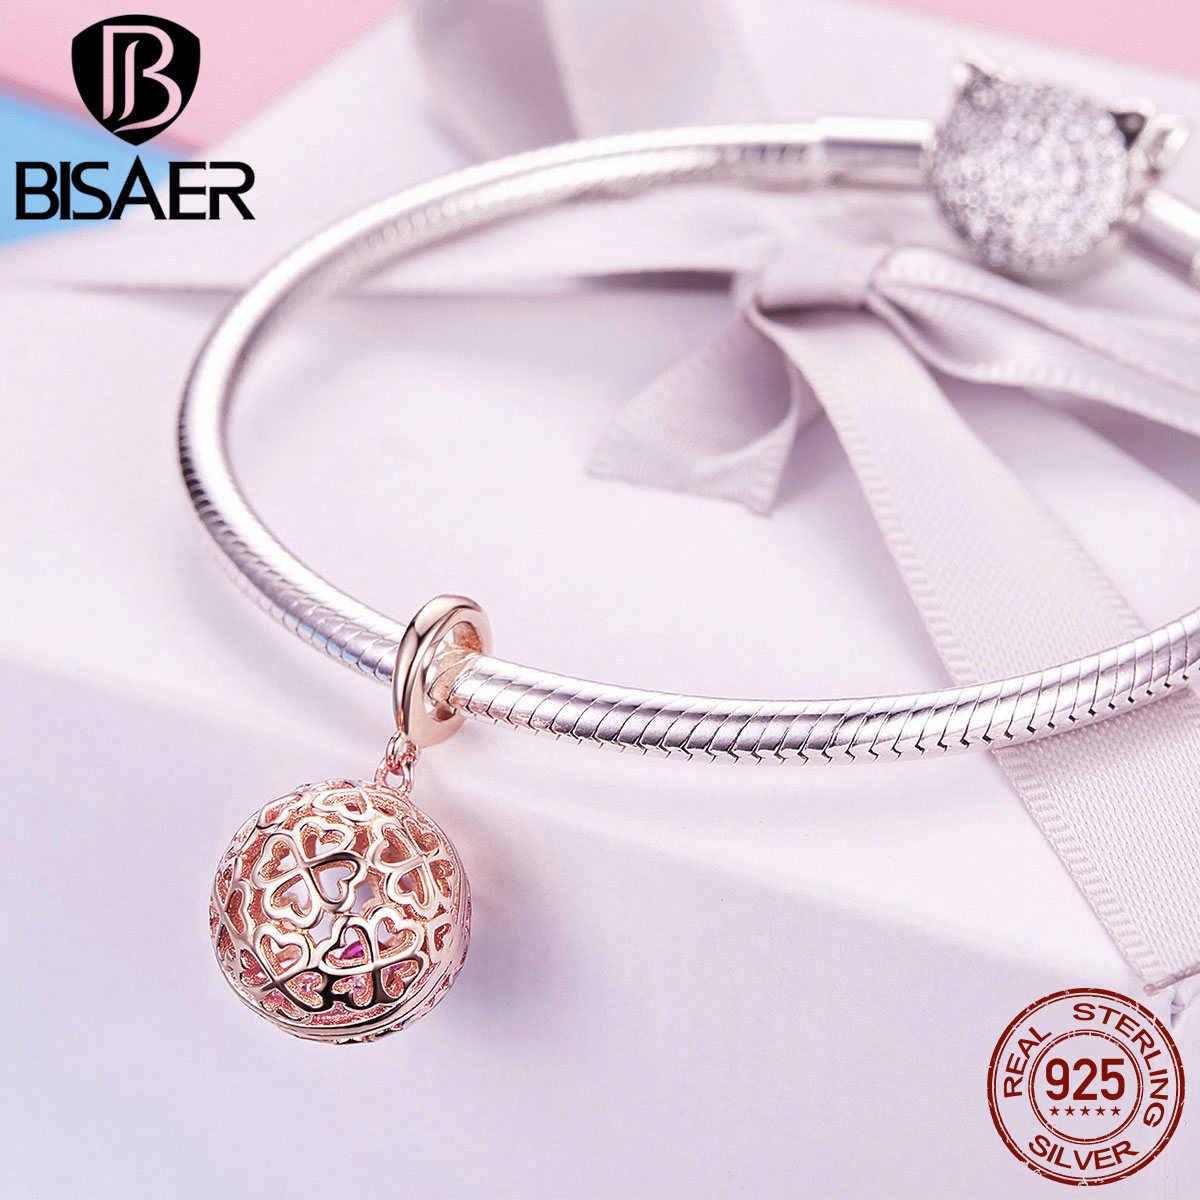 Corações por todo o lado contas bisaer 925-sterling-silver sorte quatro folhas trevo balançar encantos apto pulseira colar jóias diy ecc1127